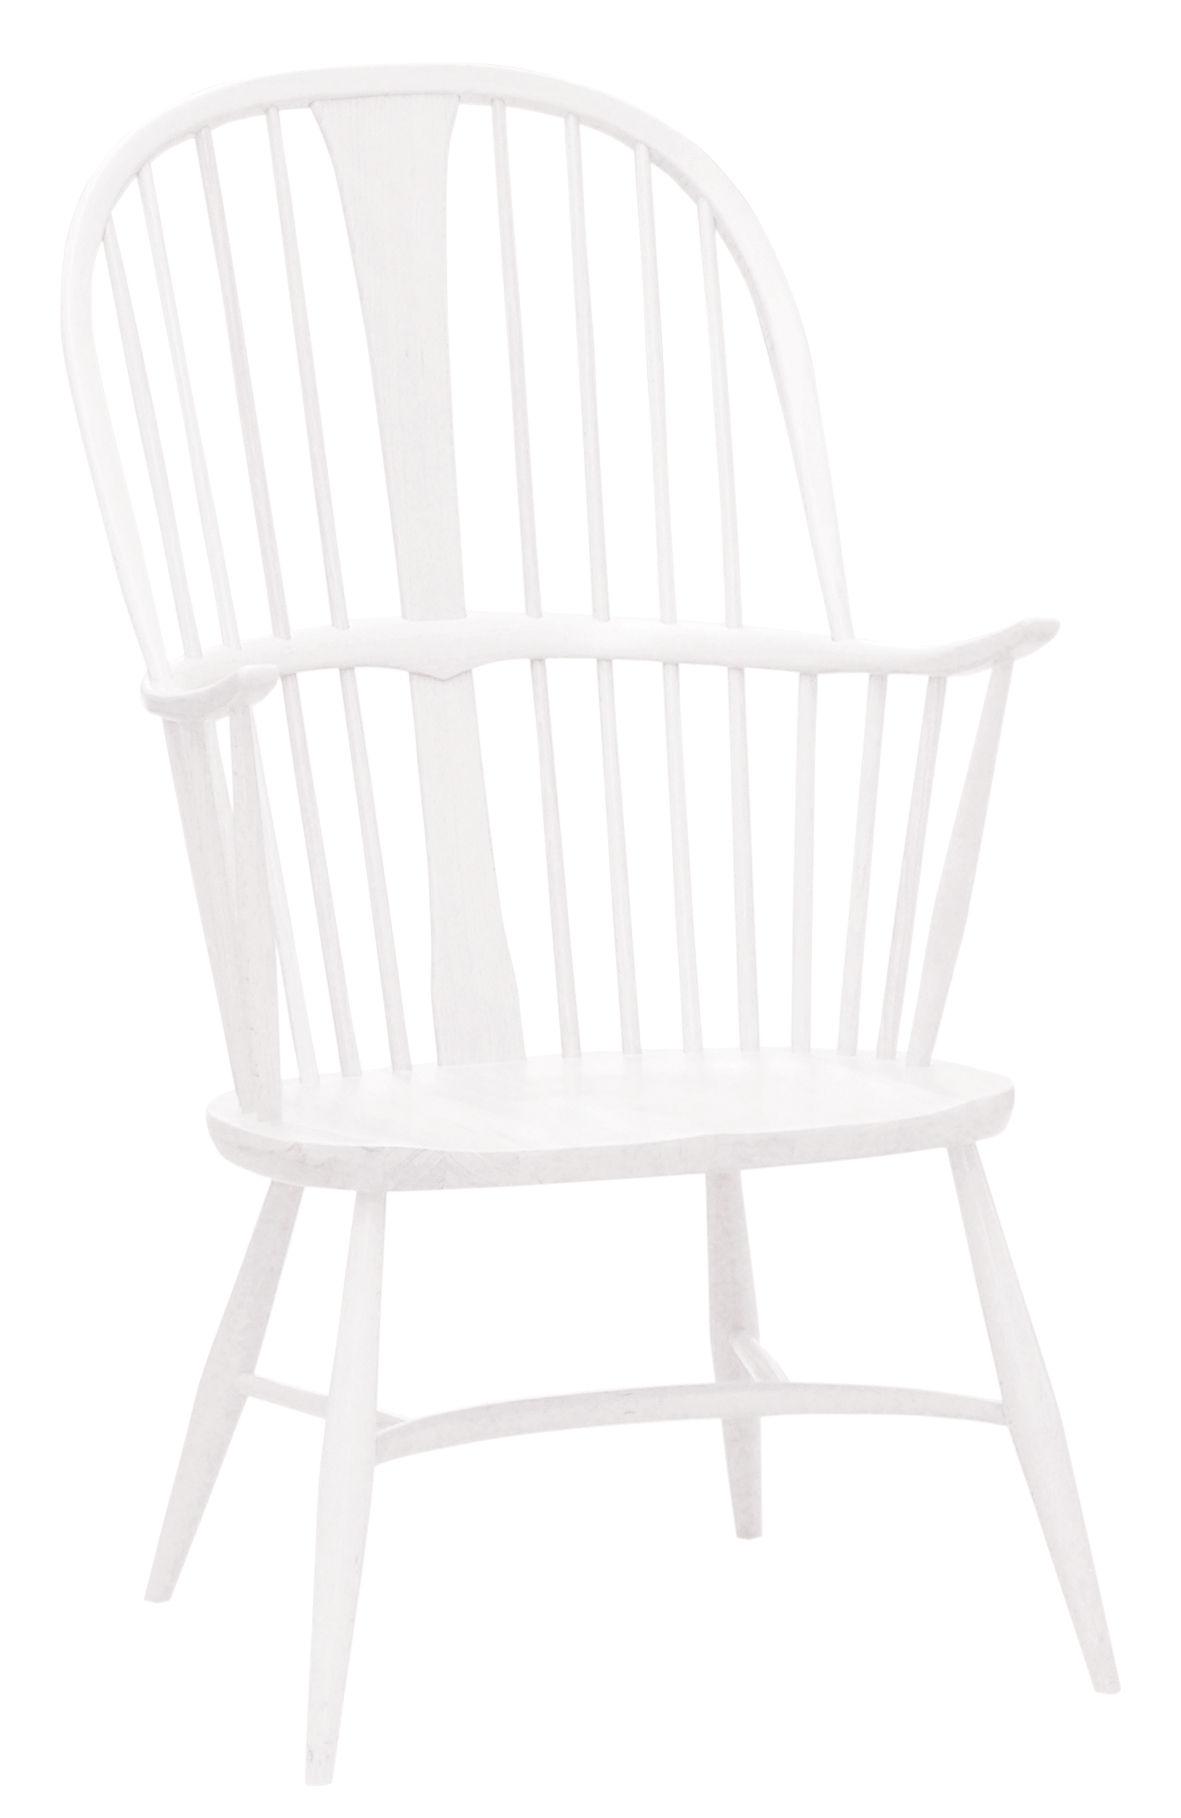 Mobilier - Fauteuils - Fauteuil Originals Chairmaker / Bois - Réédition 1950' - Ercol - Blanc - Hêtre massif peint, Orme massif peint